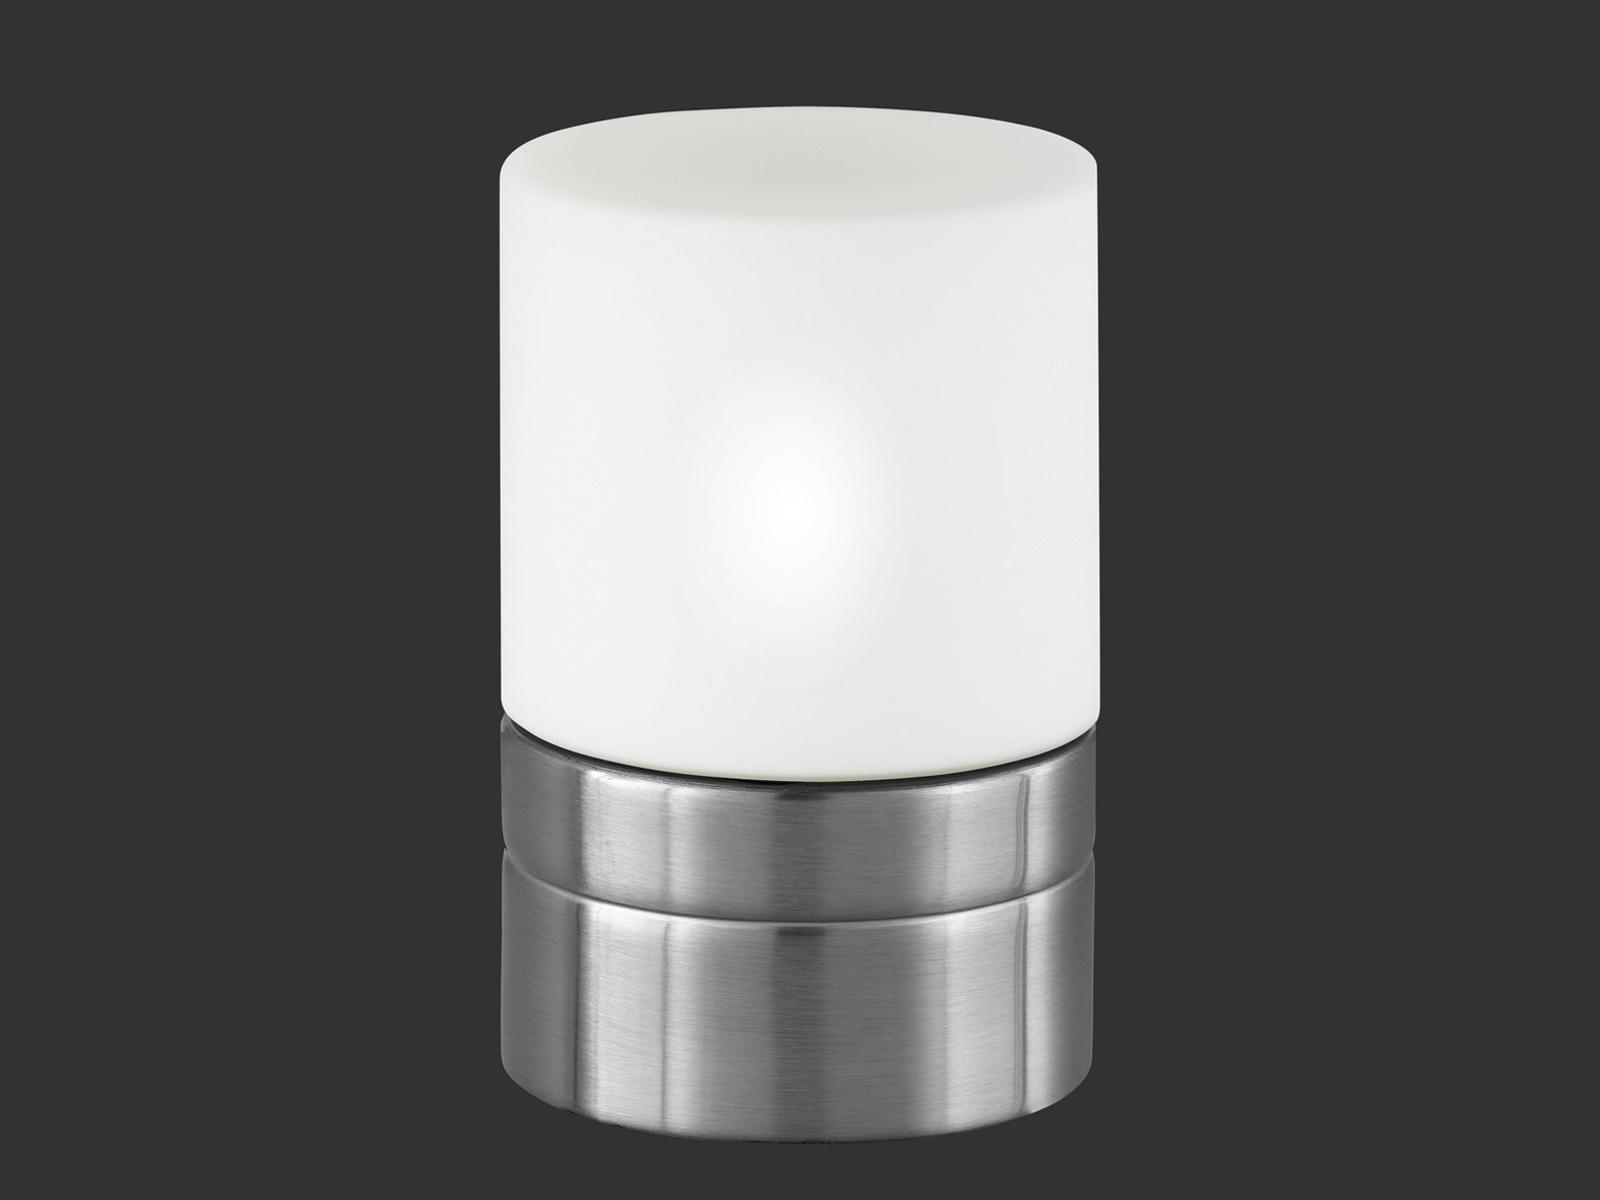 Ø 9cm Nickel matt Glas opal weiß TRIO Tischlampe TOUCH-ME E14